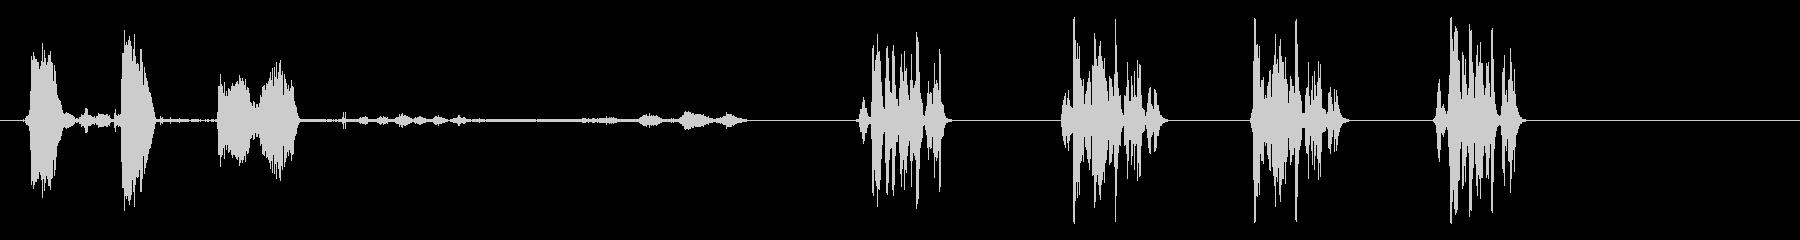 グース-トルコの未再生の波形